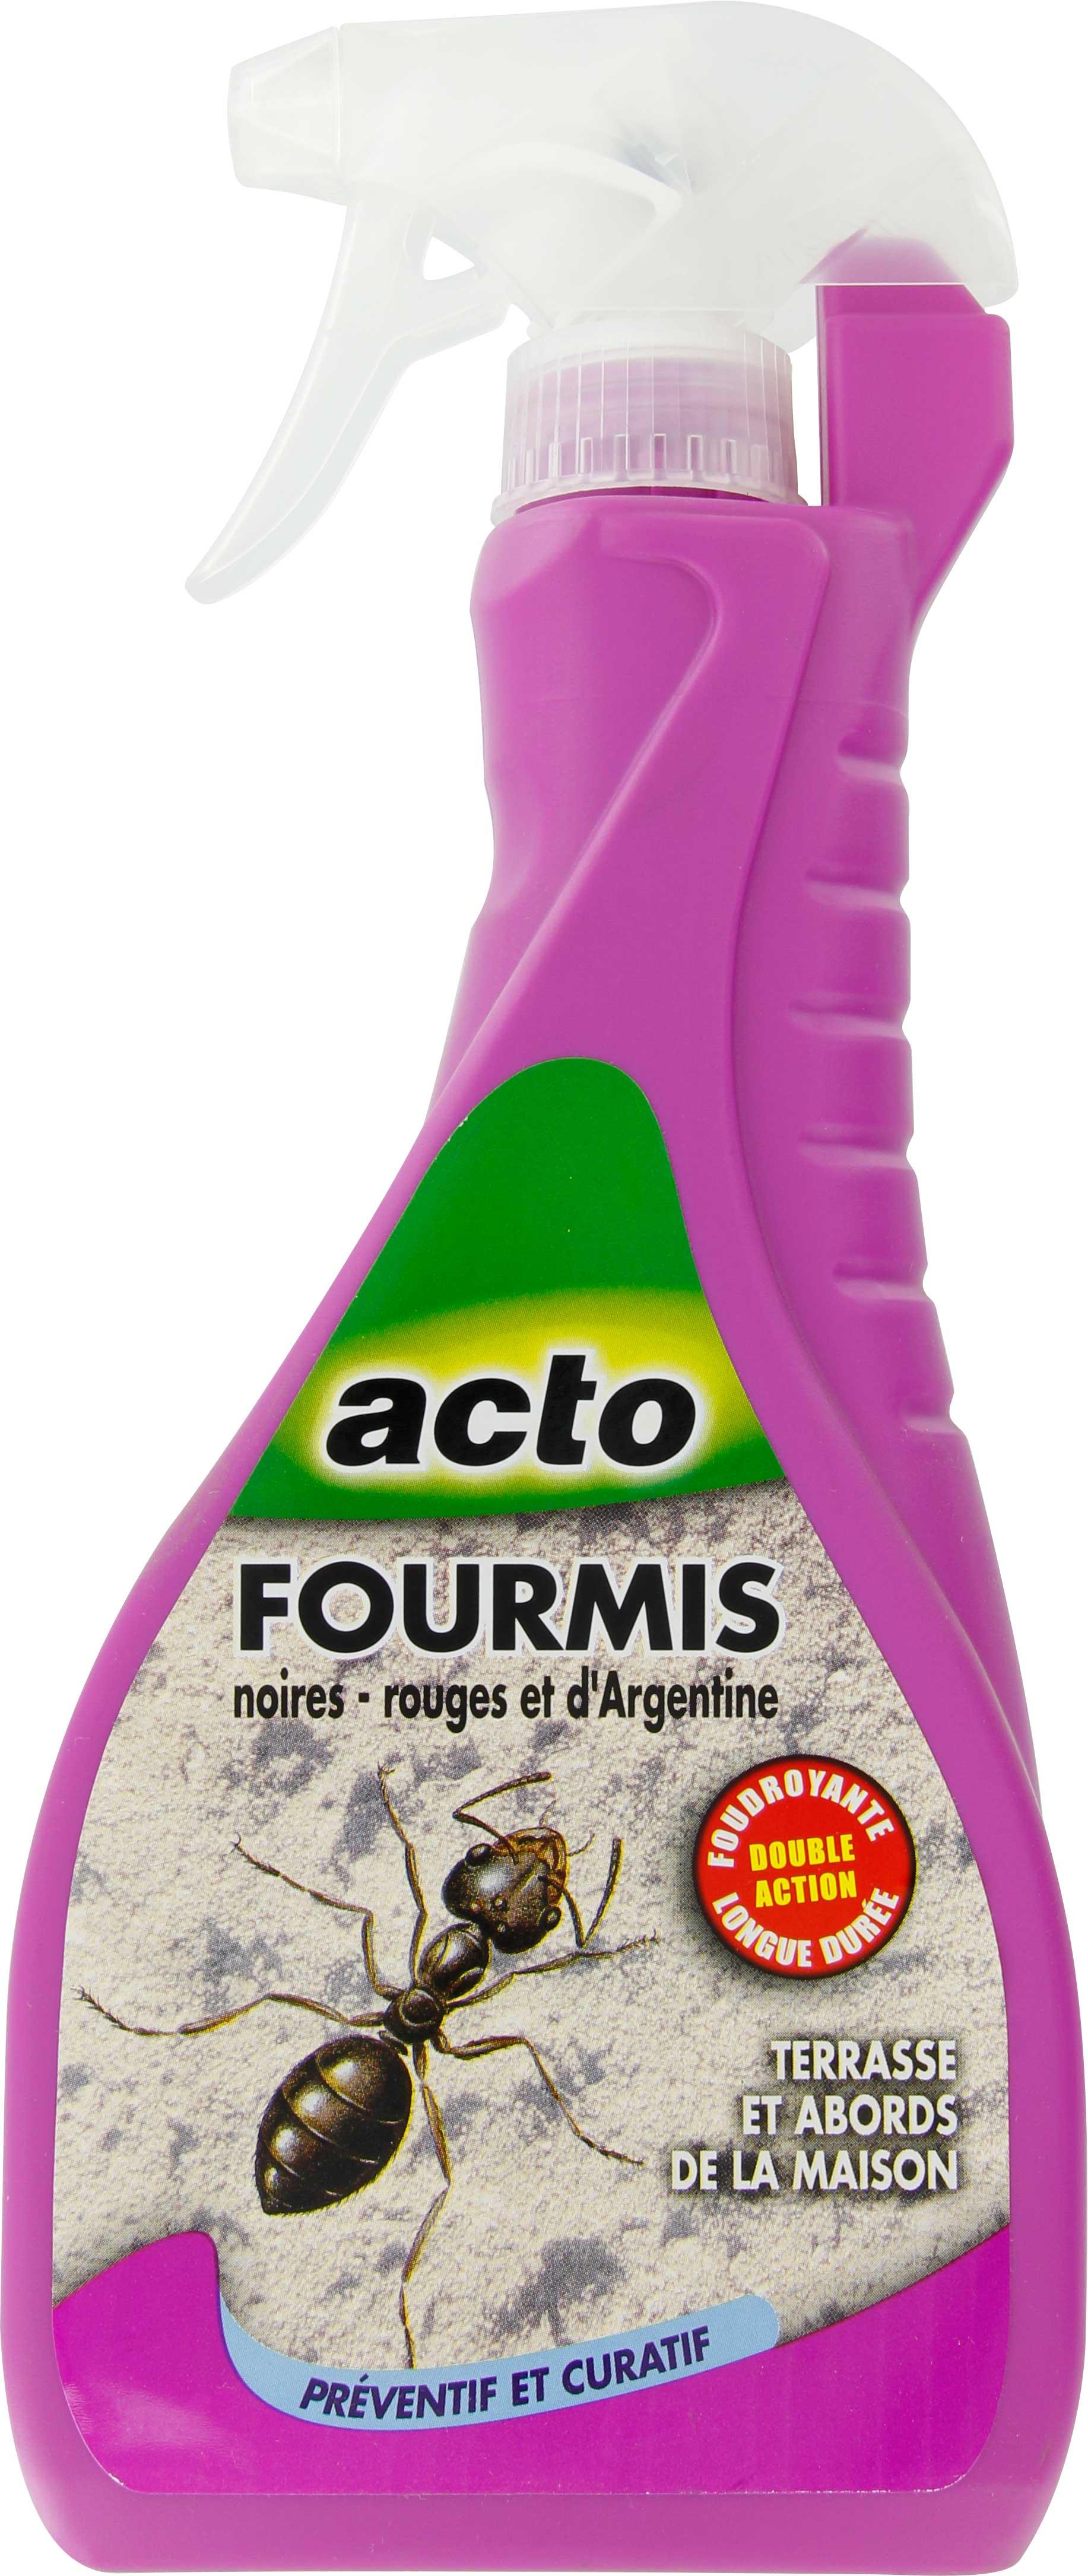 Fourmis pulv risateur acto de insecticide fourmis 1072054 mon magasin g n ral - Fourmi rouge et tamanoir ...